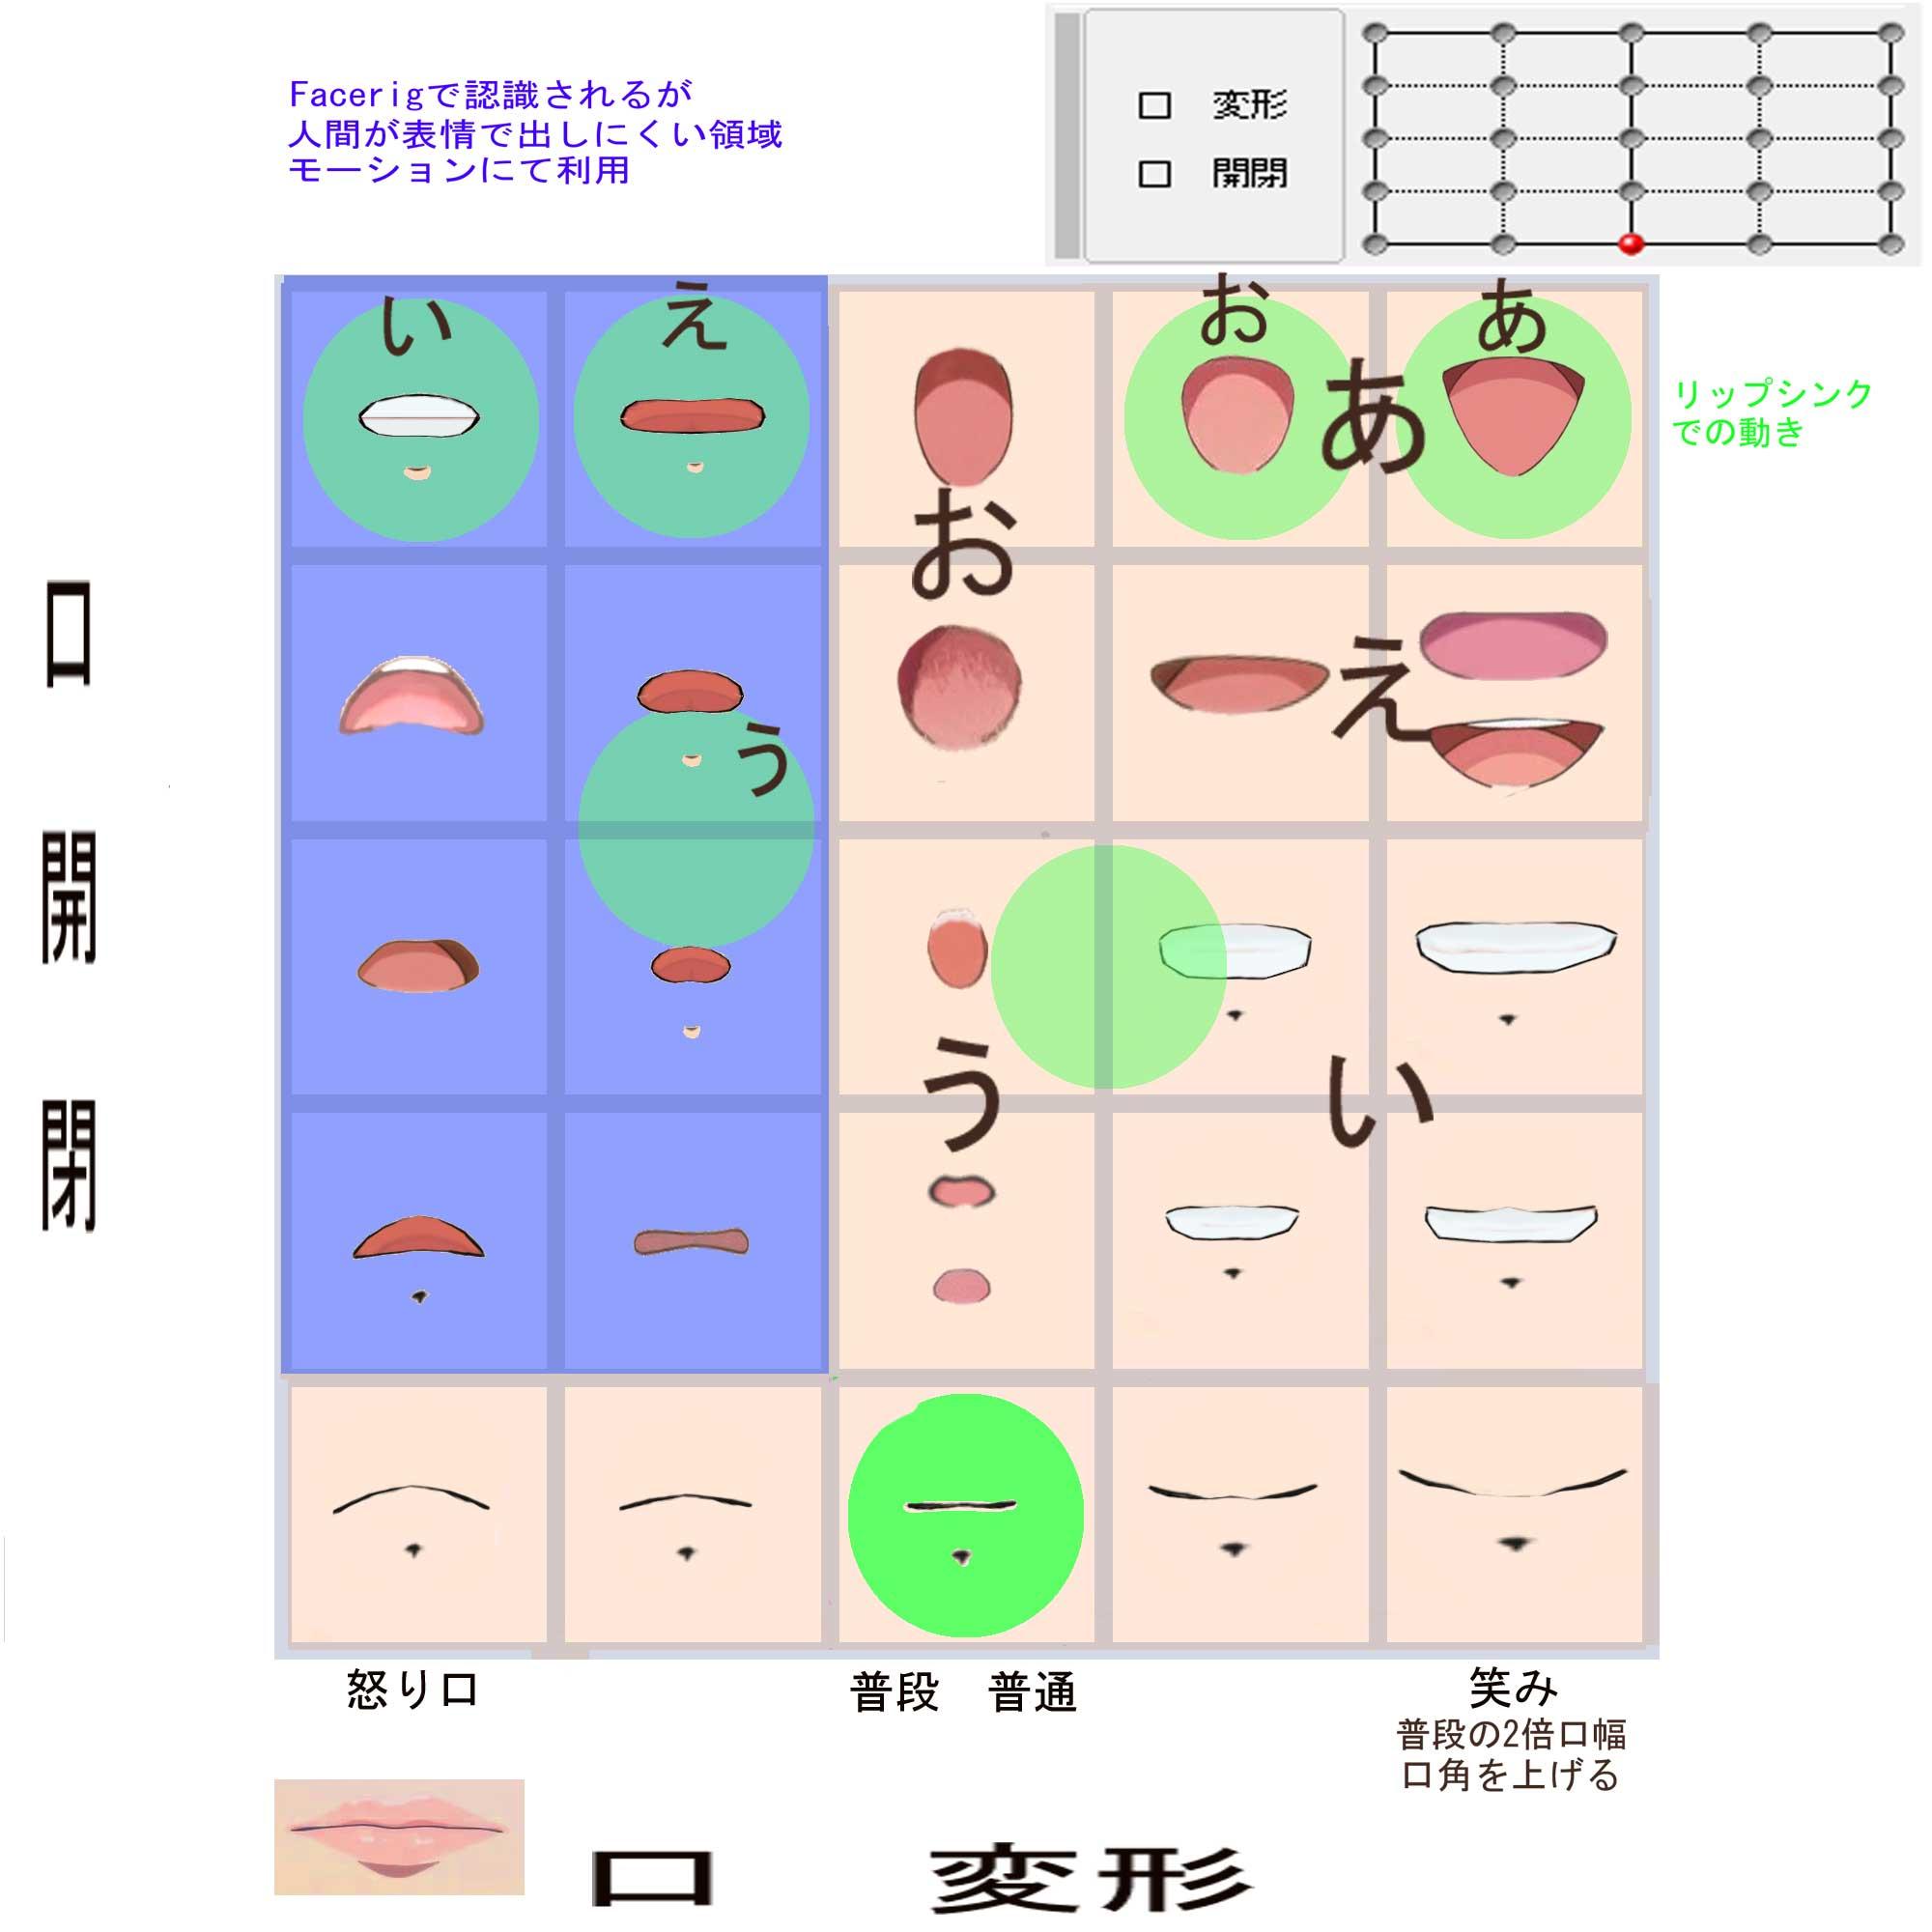 FaceRigの基本設定と使い方を解説【vtuberの ...